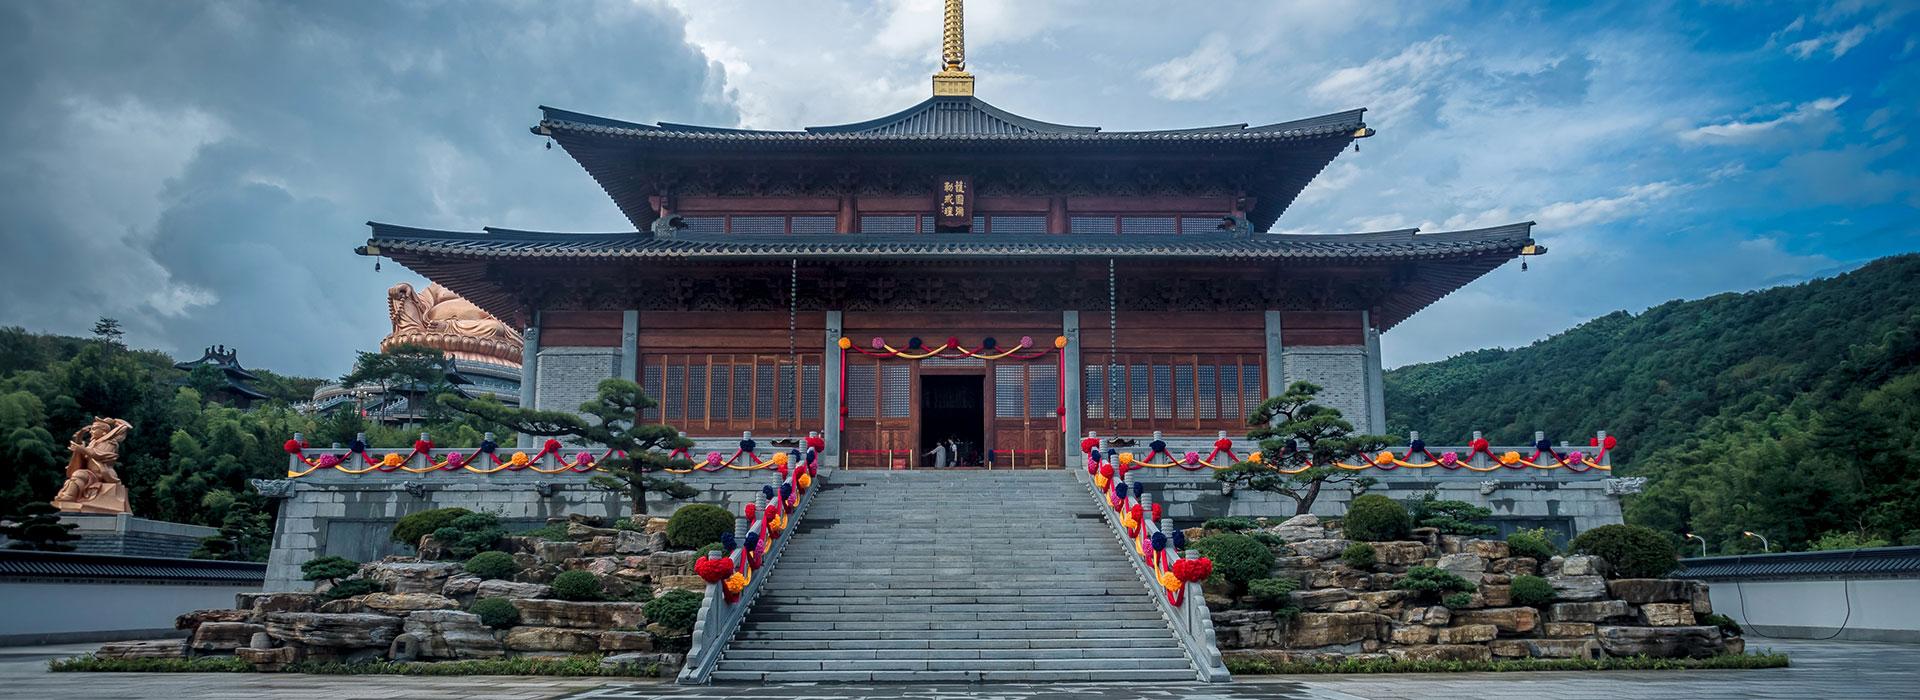 雪窦山资圣禅寺